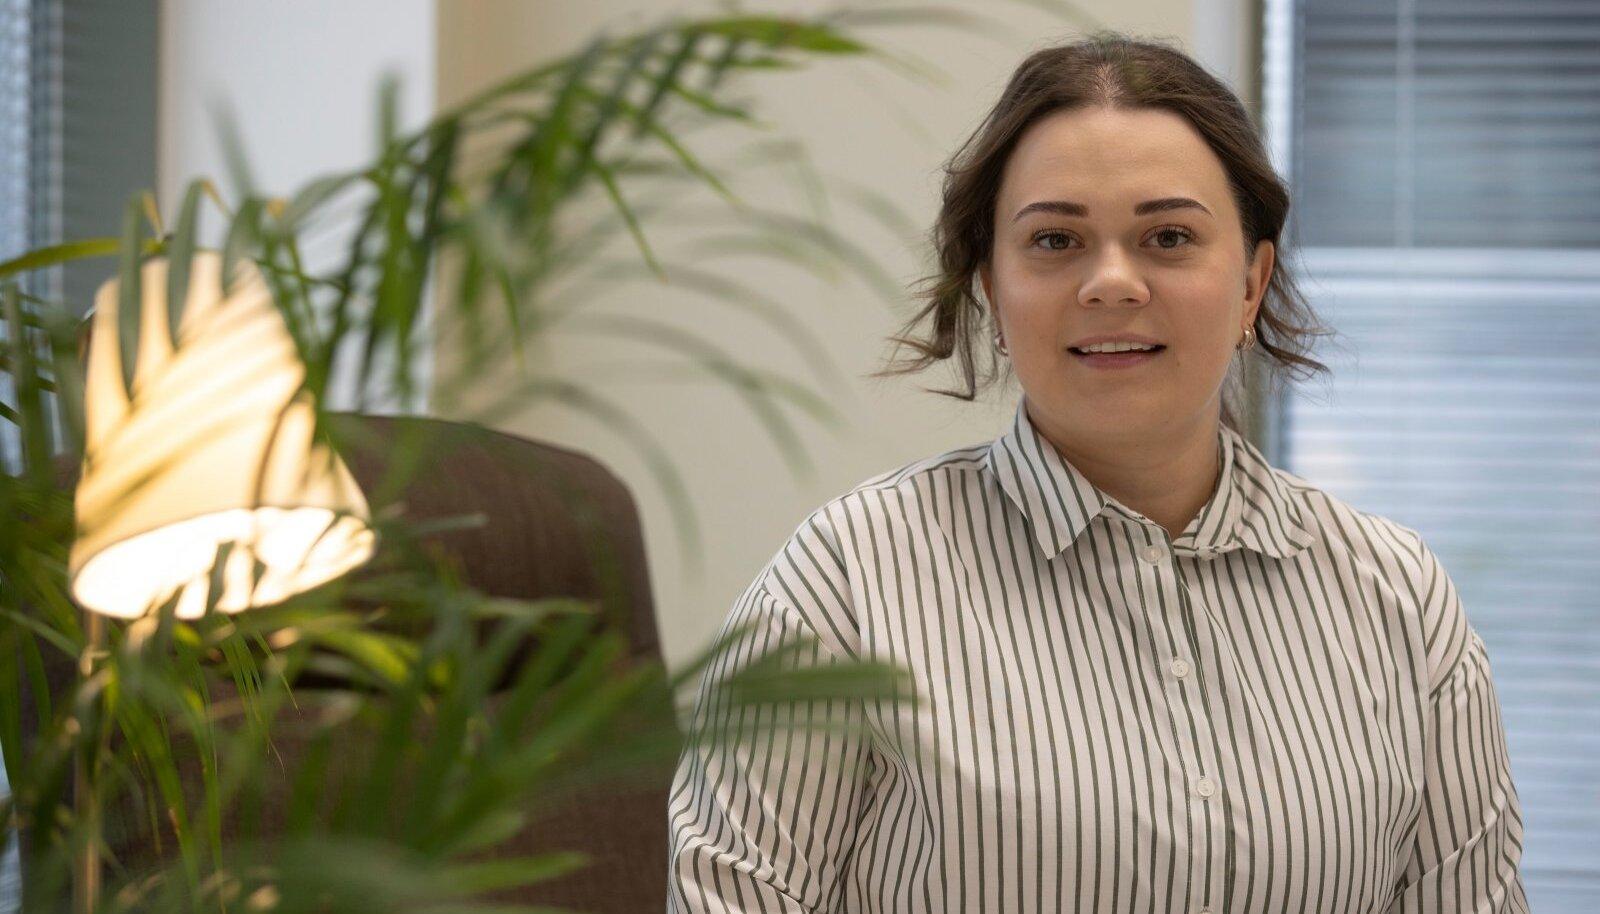 Tööpsühholoog ja Meeletervise tegevjuht Pia Pedanik ütleb, et kodukontor võimaldab küll halbade suhete eest põgeneda, kuid jätab samal ajal head suhted unarusse.